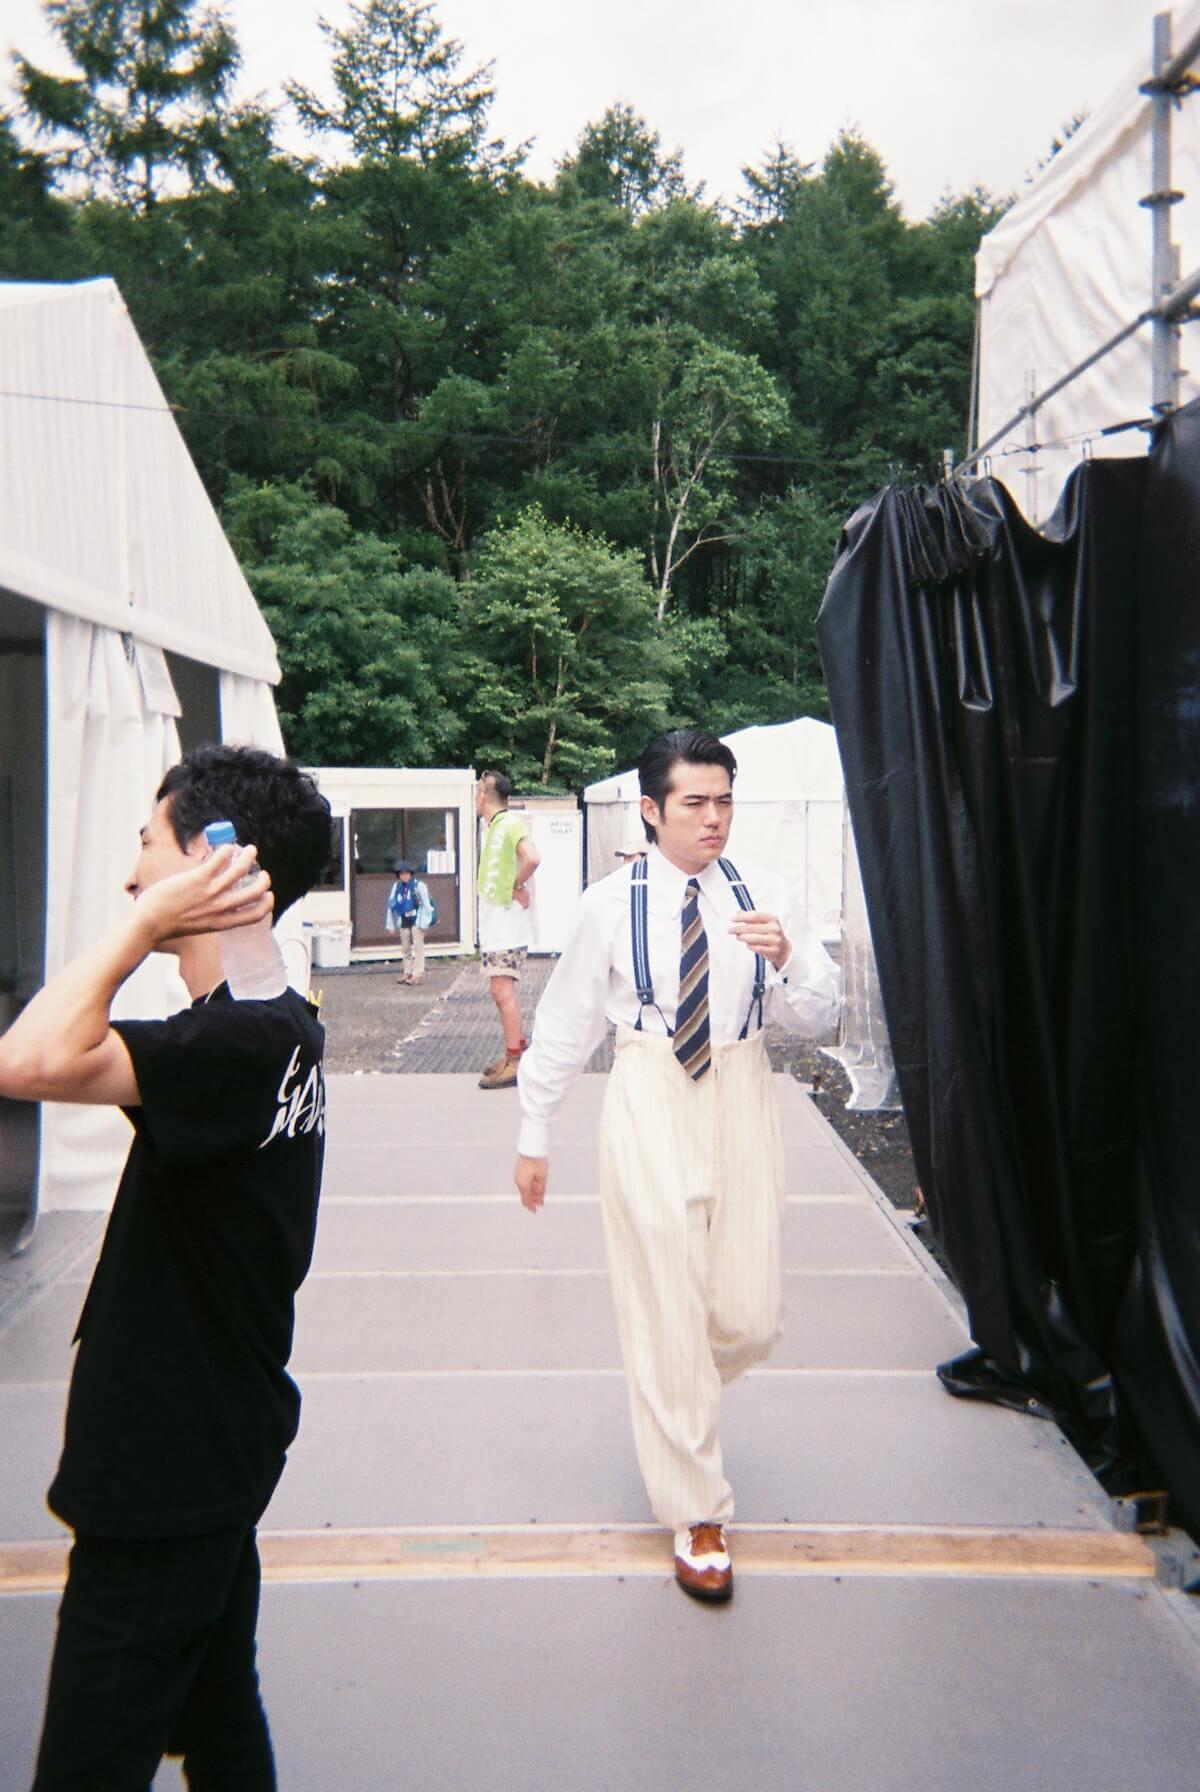 フェスレポート|SANABAGUN.が切り取る<FUJI ROCK FESTIVAL'19> music190822_sanabagunFRF19_07.jpg